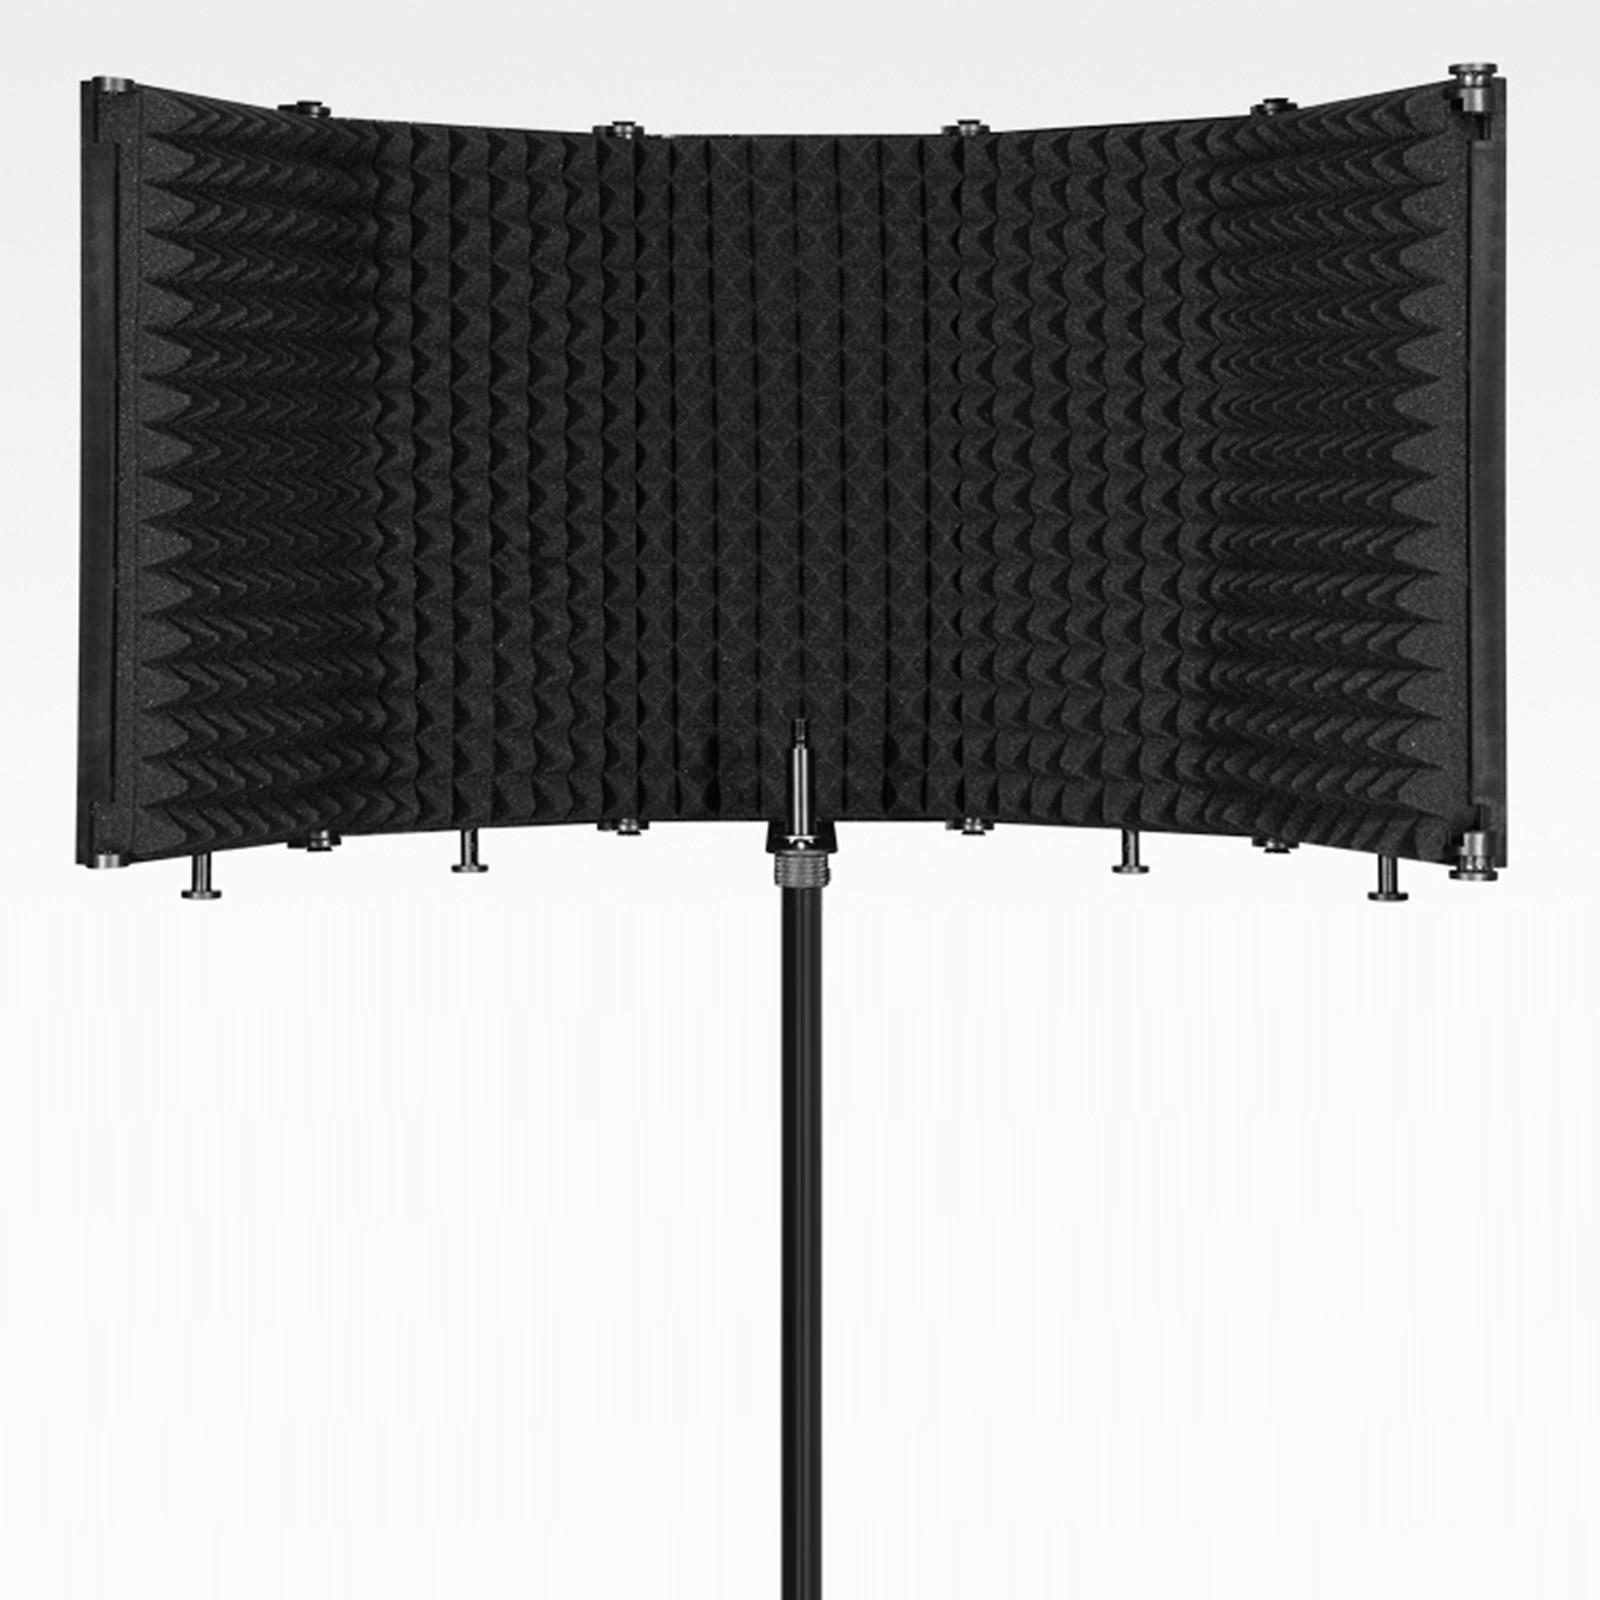 Regulowany 5 Panel osłona izolacji mikrofonu składany nagrywania studyjnego Mic filtr stoisko wokalnych do nagrywania transmisji